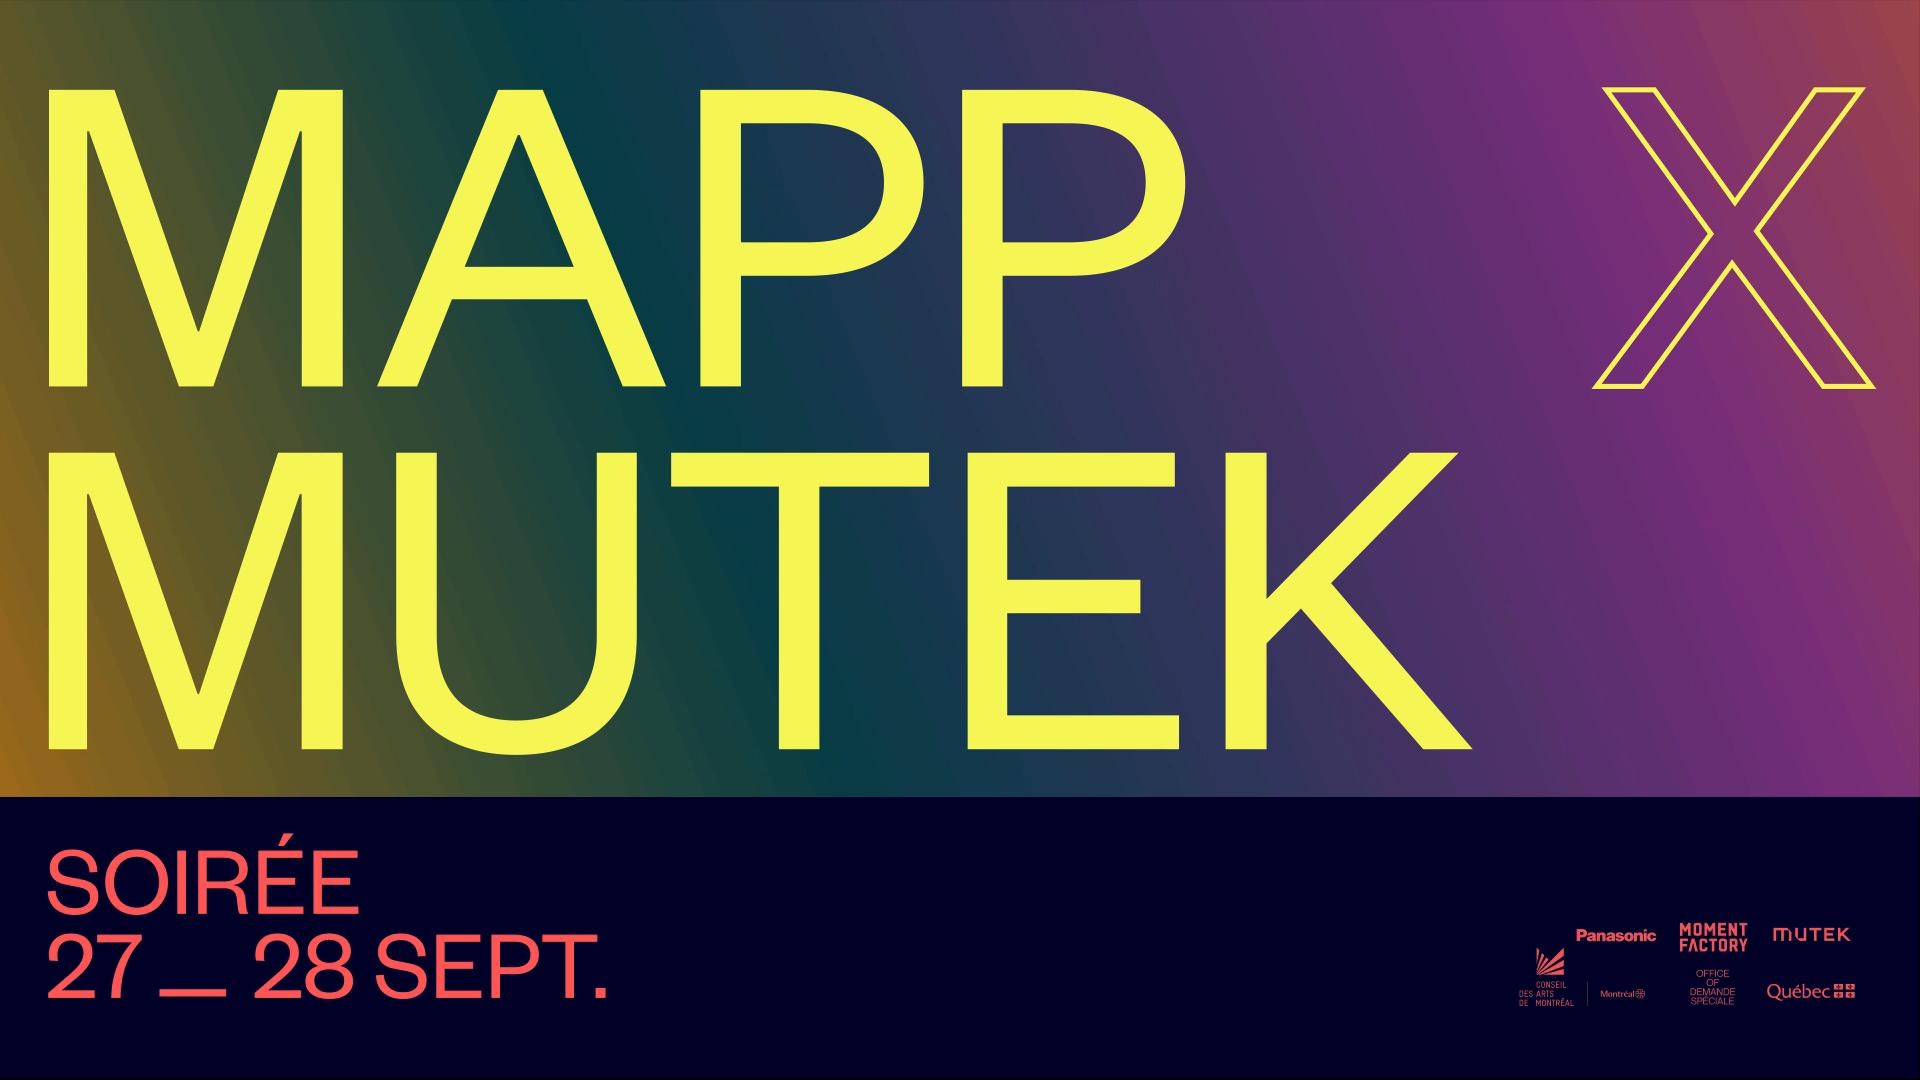 4.Mapp Mutek.png